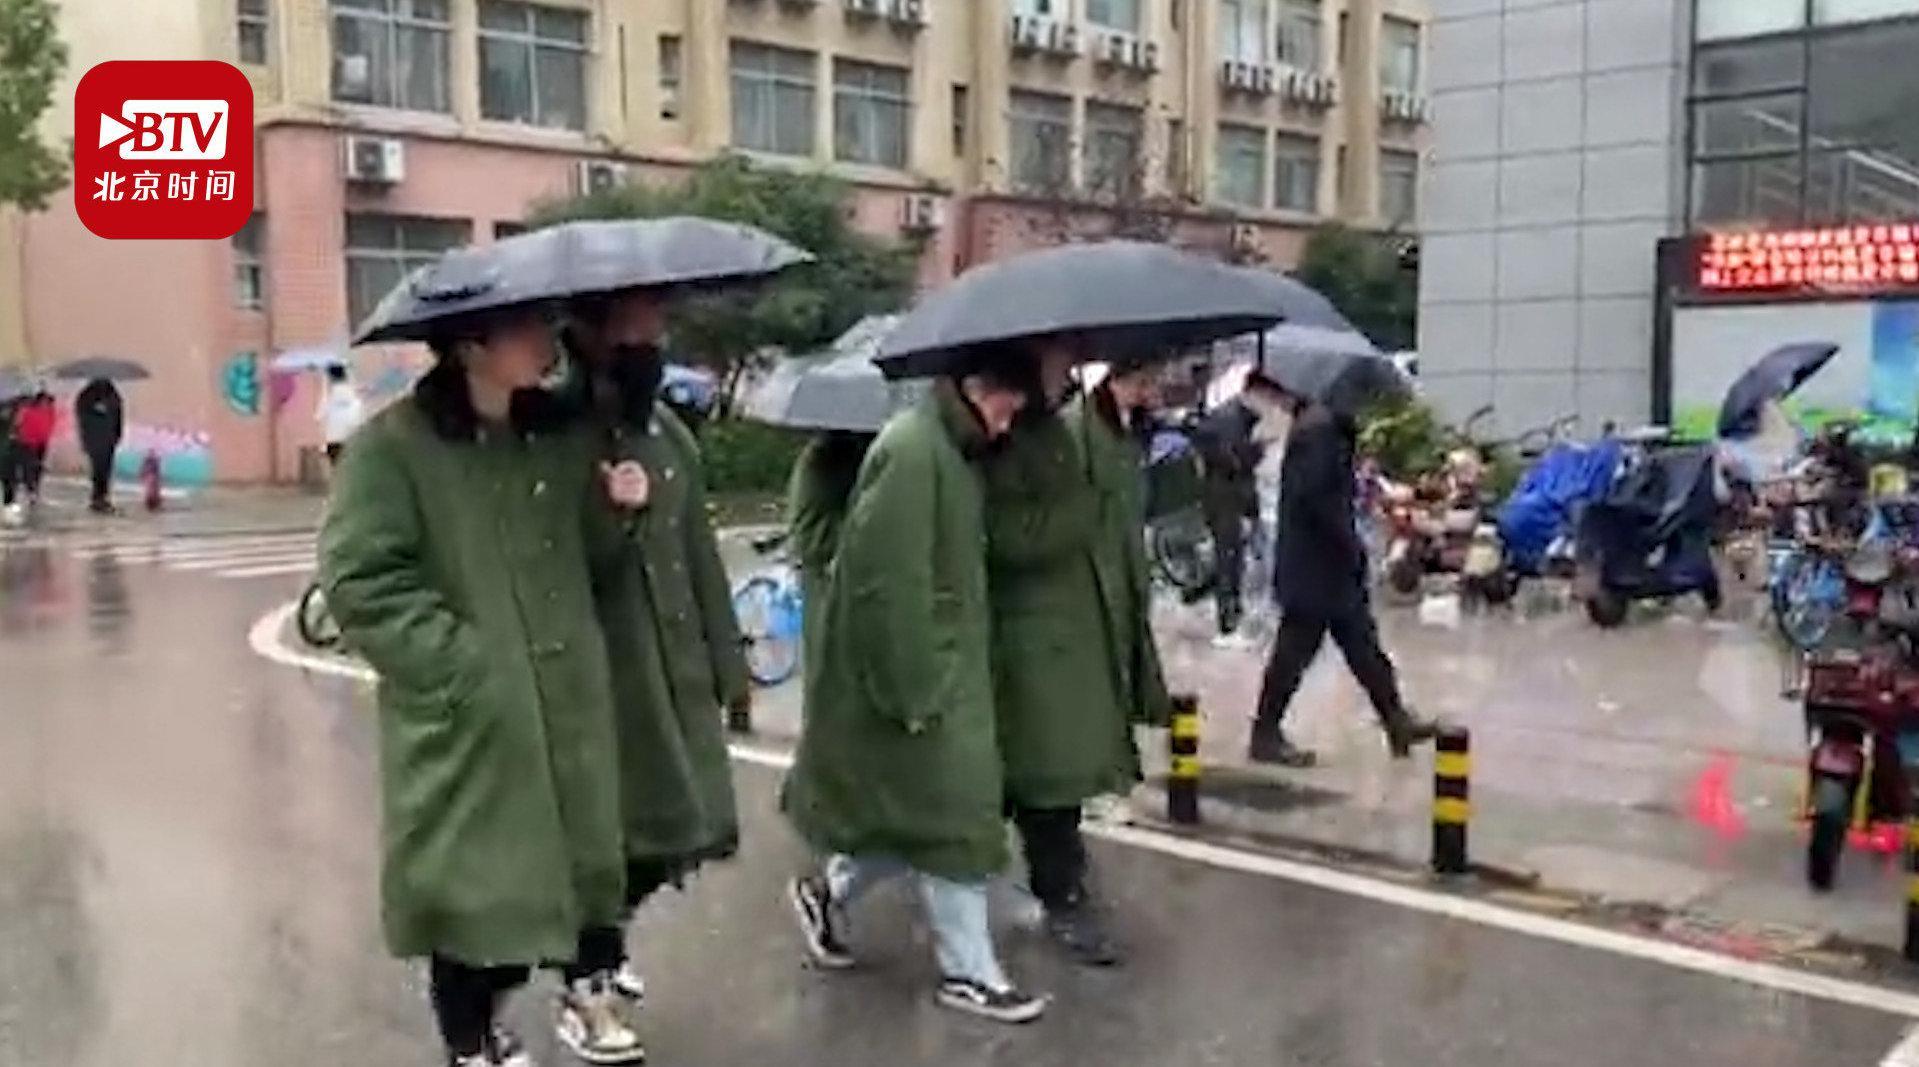 太拉风了!武汉一高校男生组团穿军大衣上课:既方便又暖和